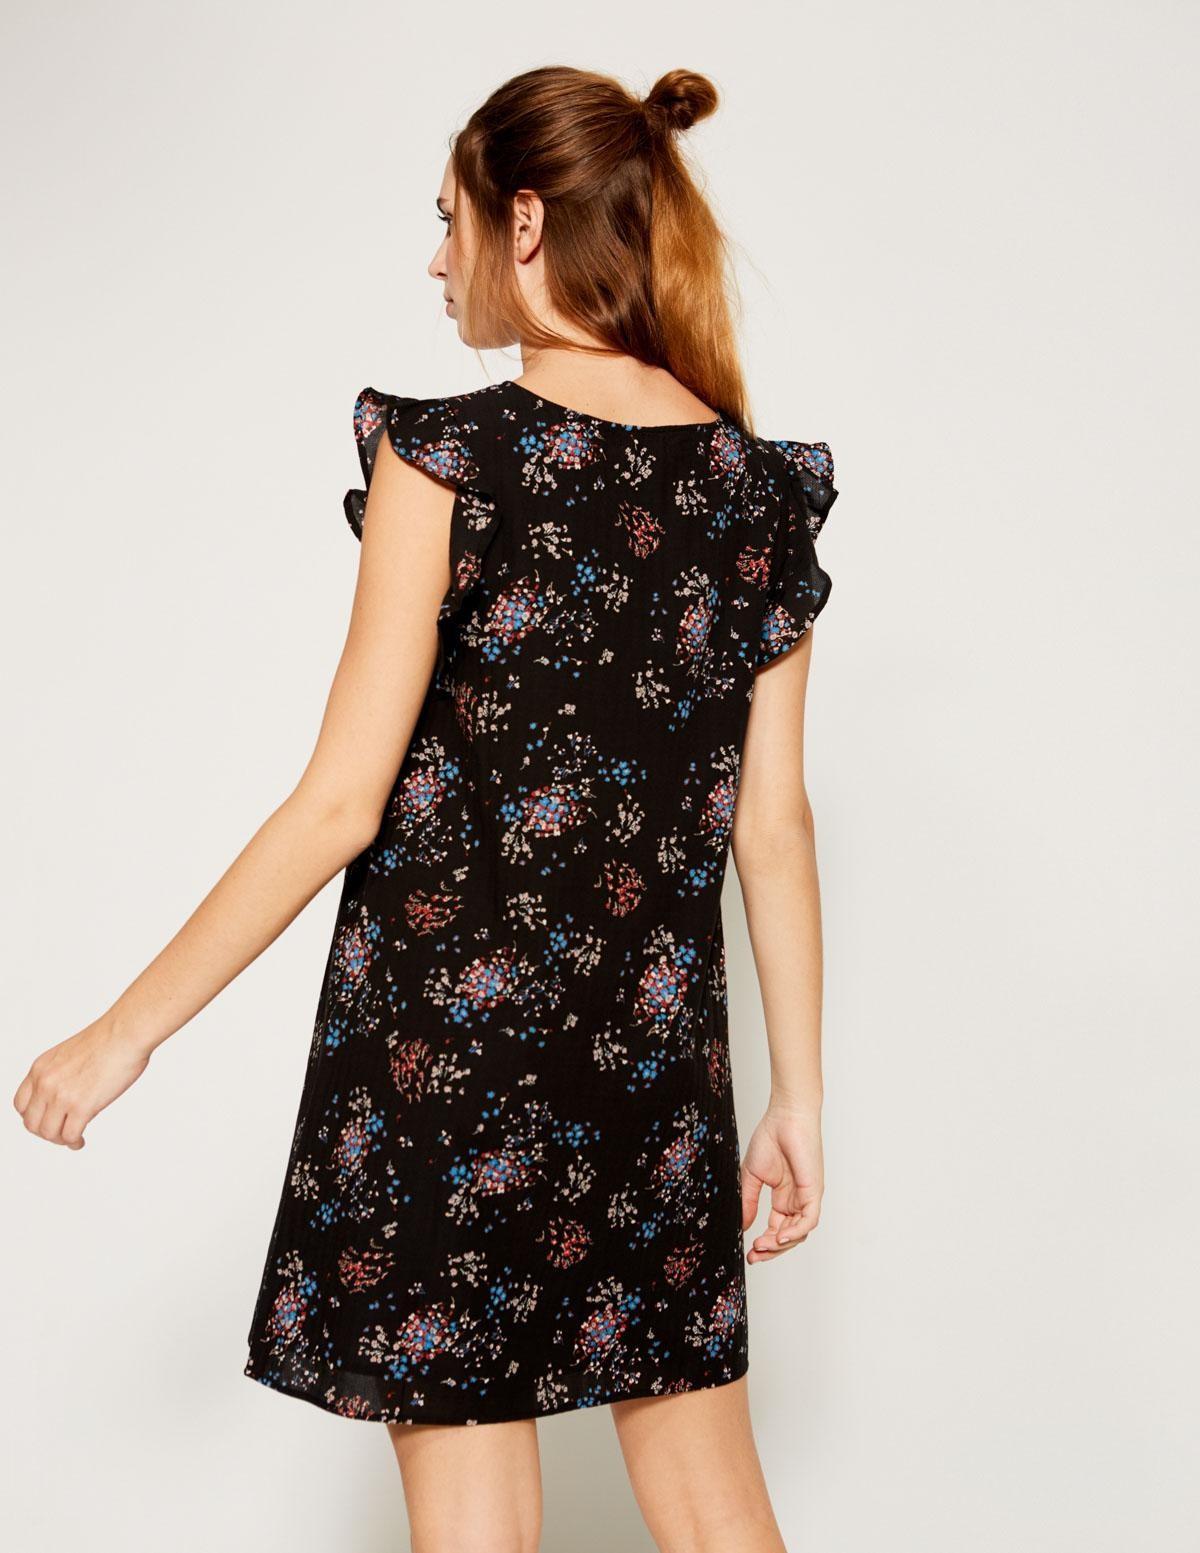 Vestido romántico - Ítem2